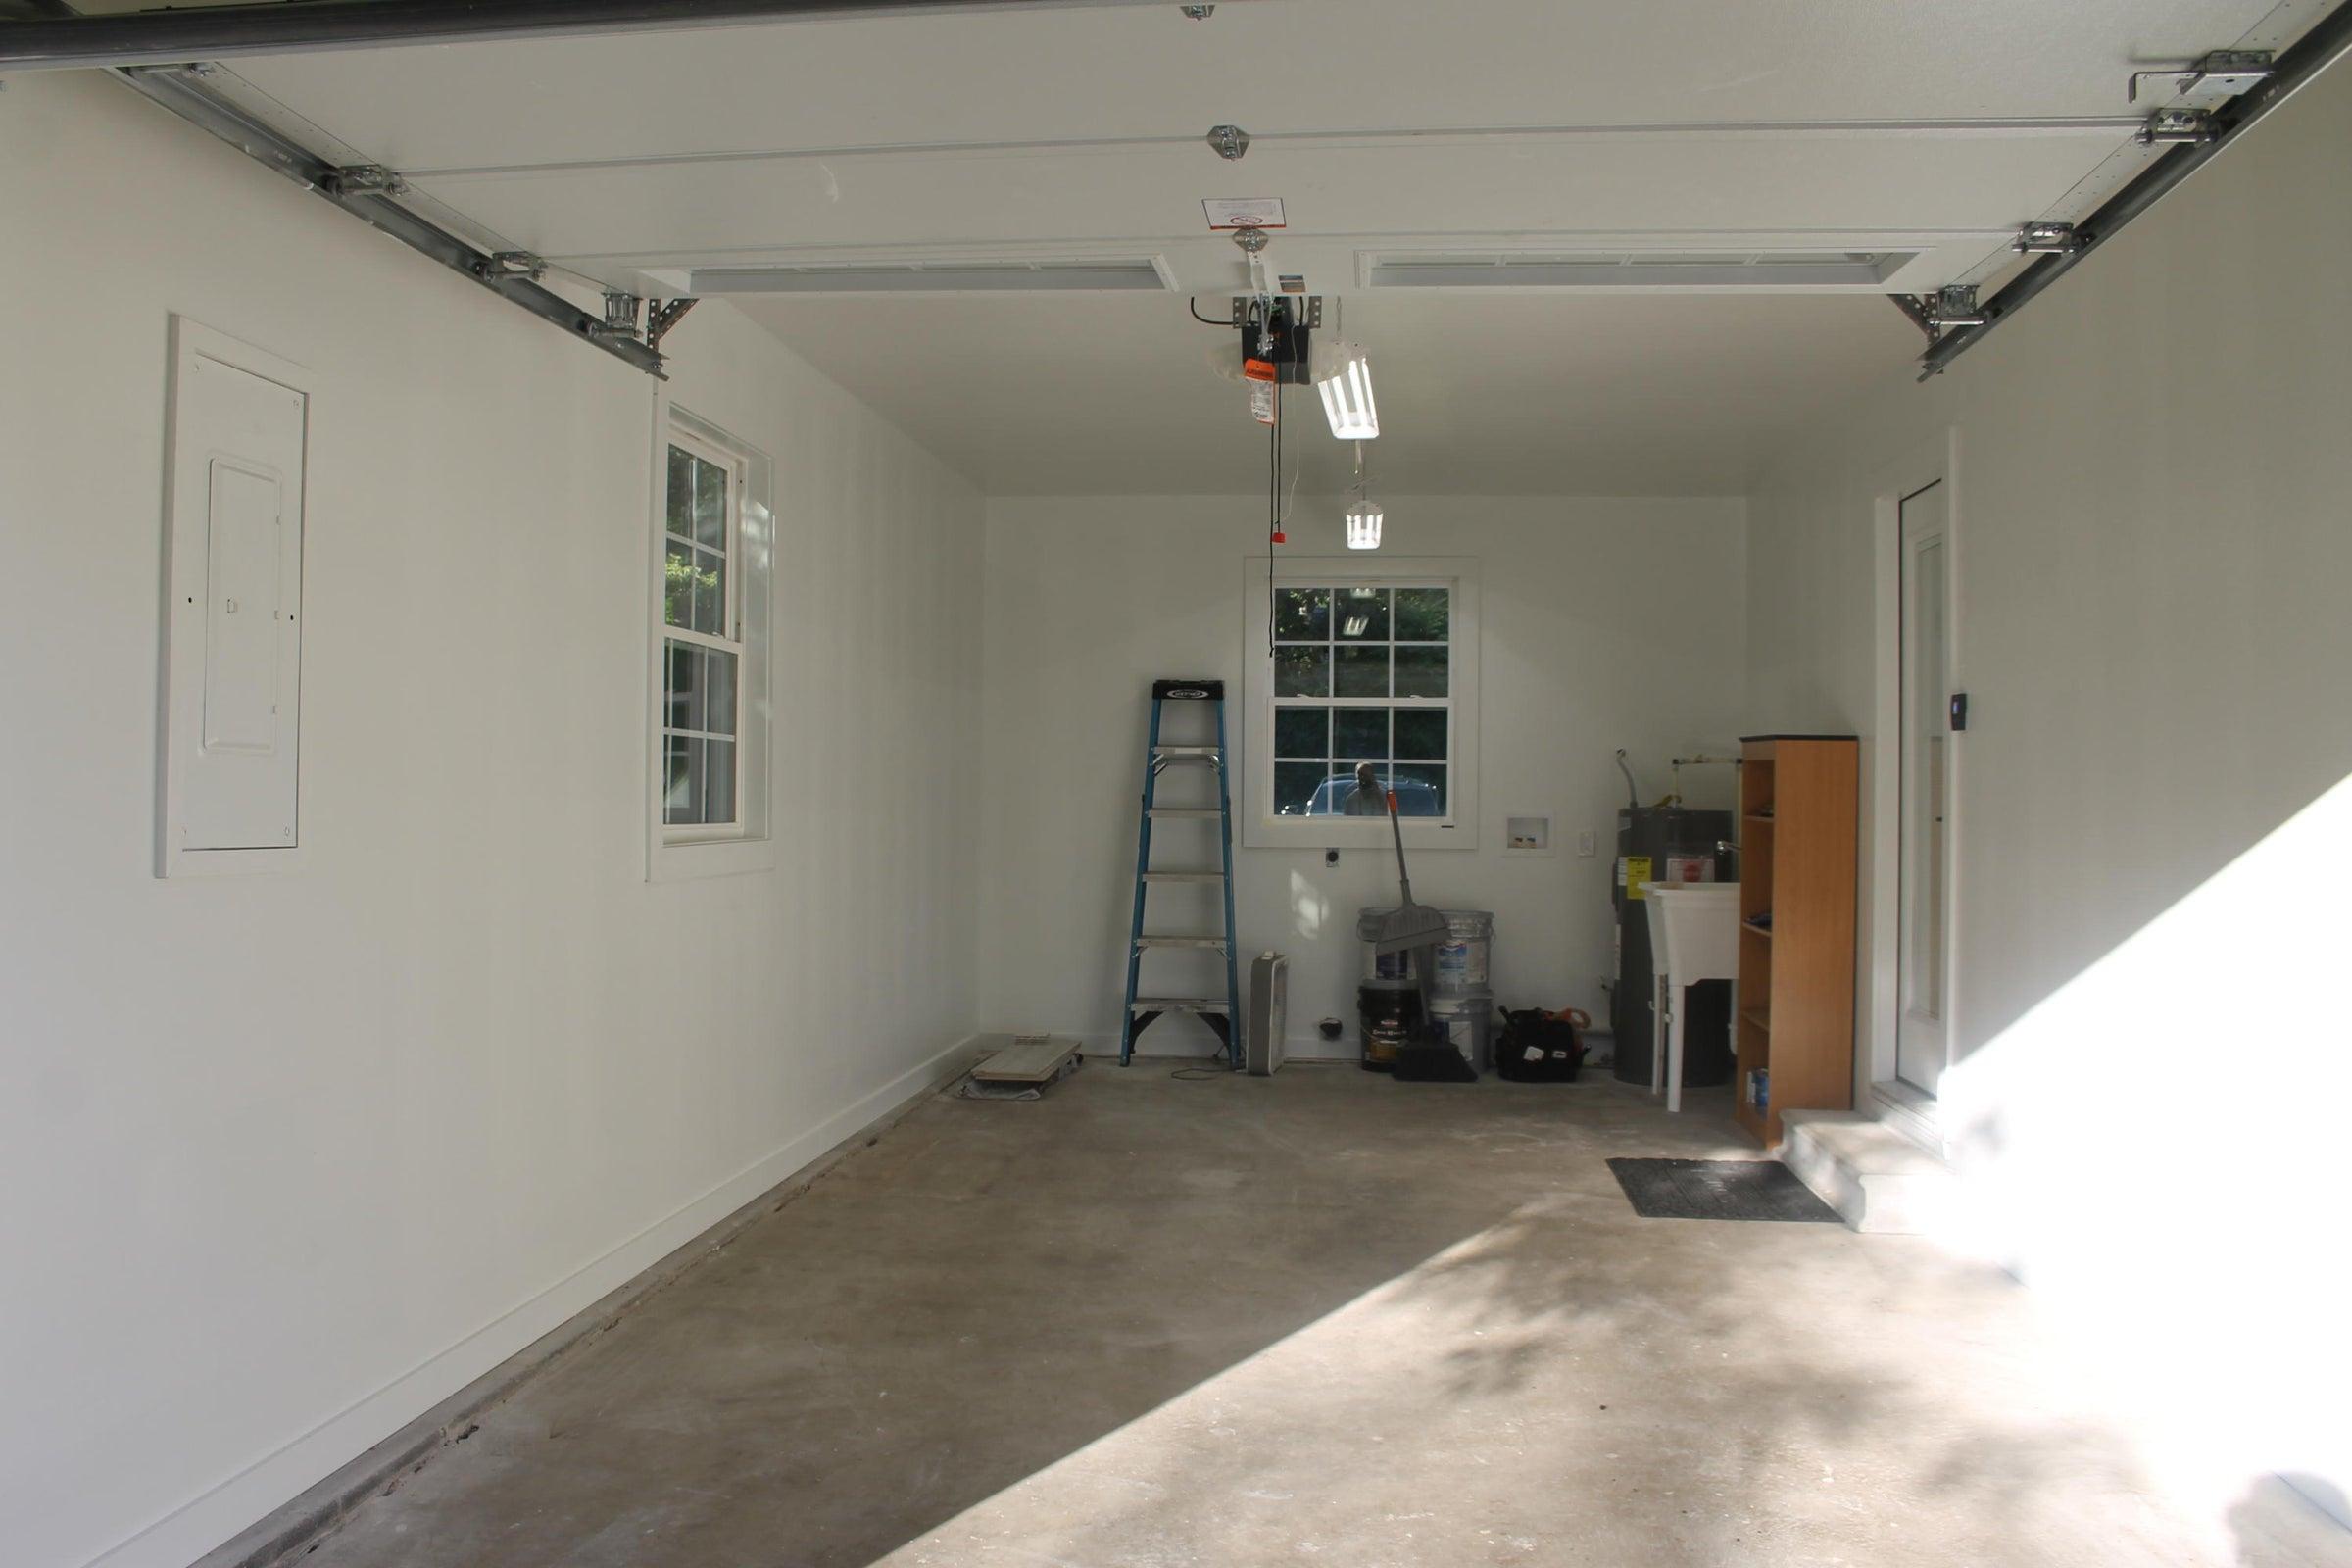 Garage w/ utility sink & W/D hookups